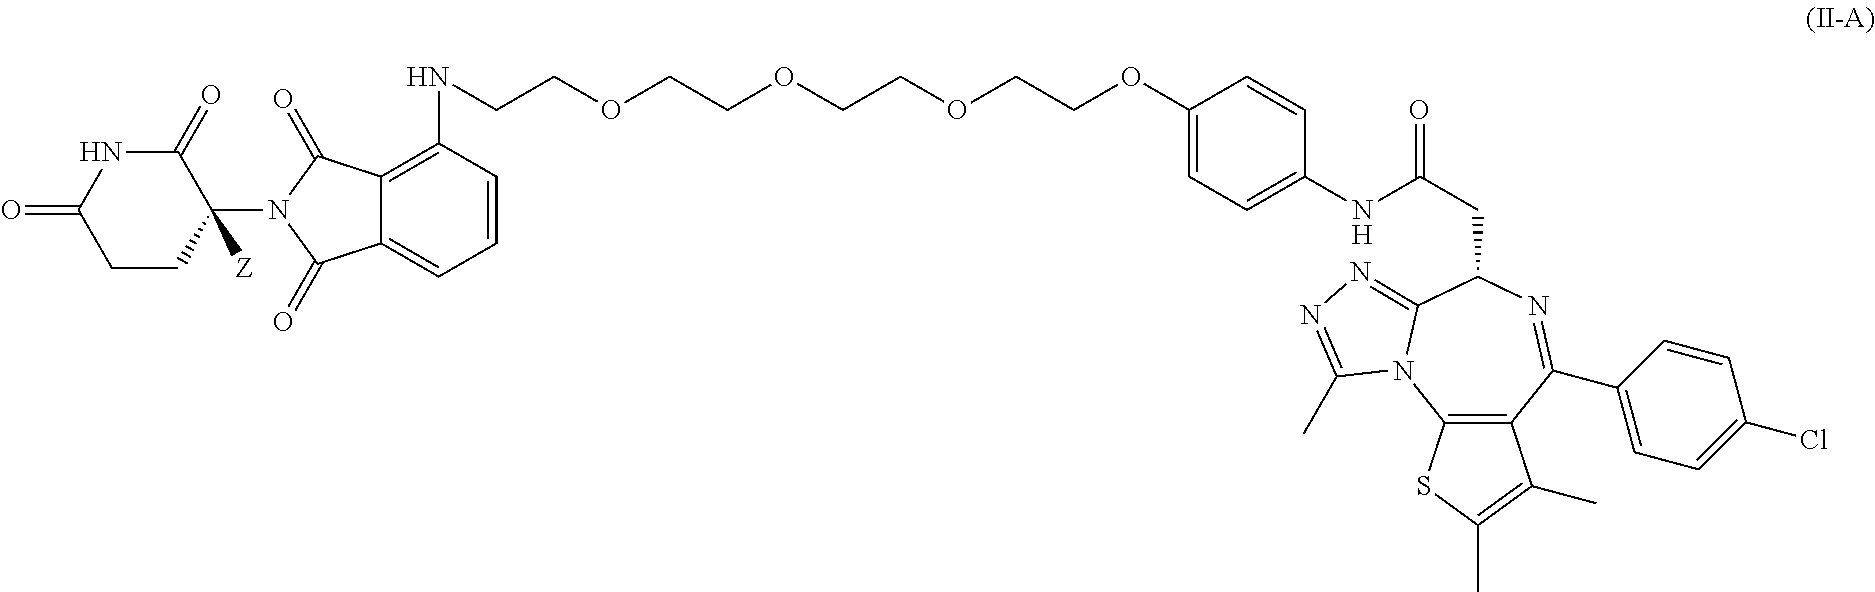 Figure US09809603-20171107-C00053